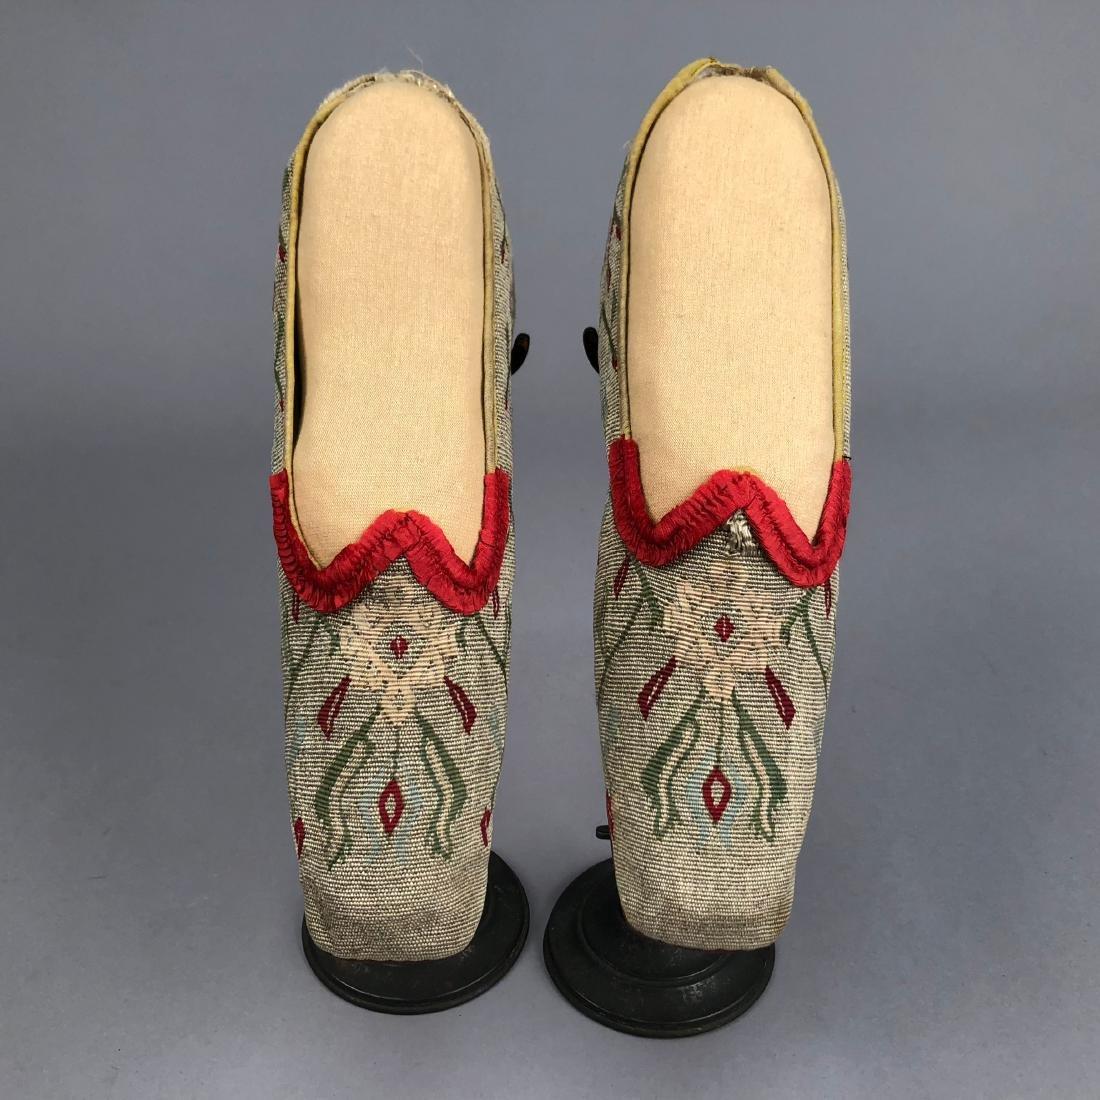 THREE PAIR WOMEN'S SLIPPERS, 1840s - 1850s - 3